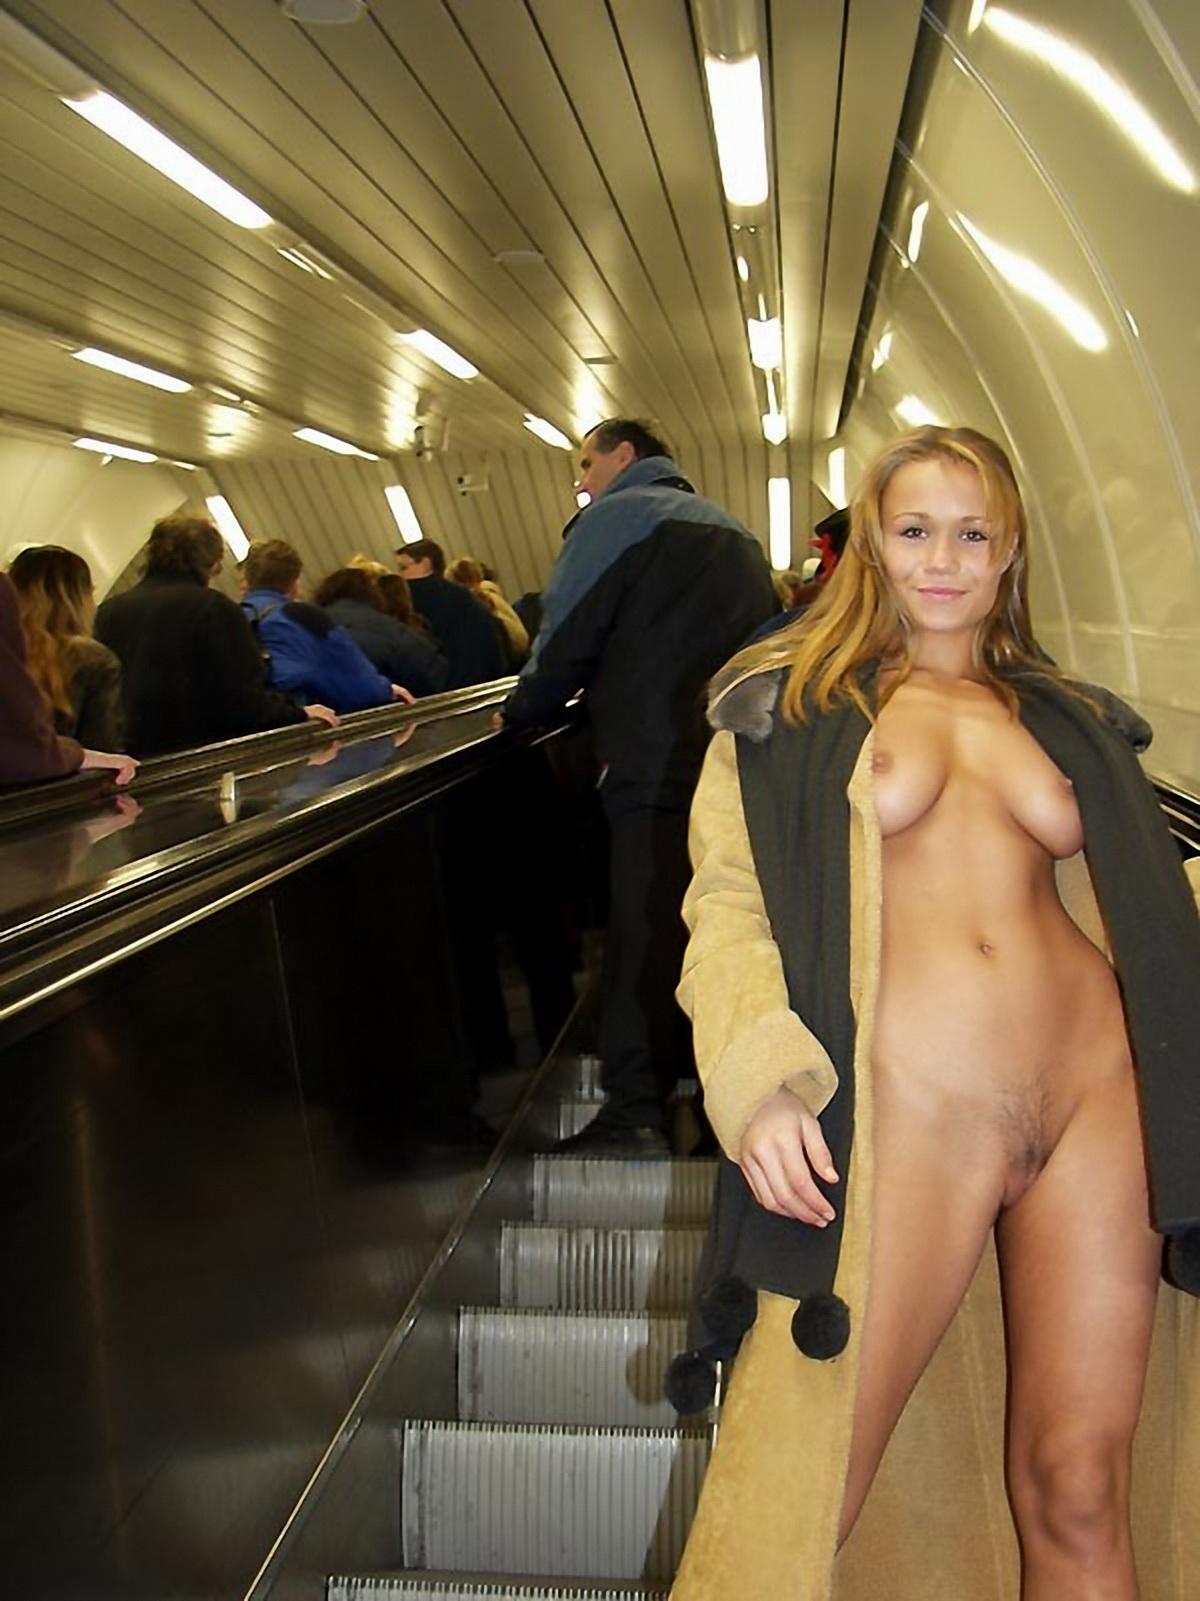 Публичный секс в транспорте 10 фотография